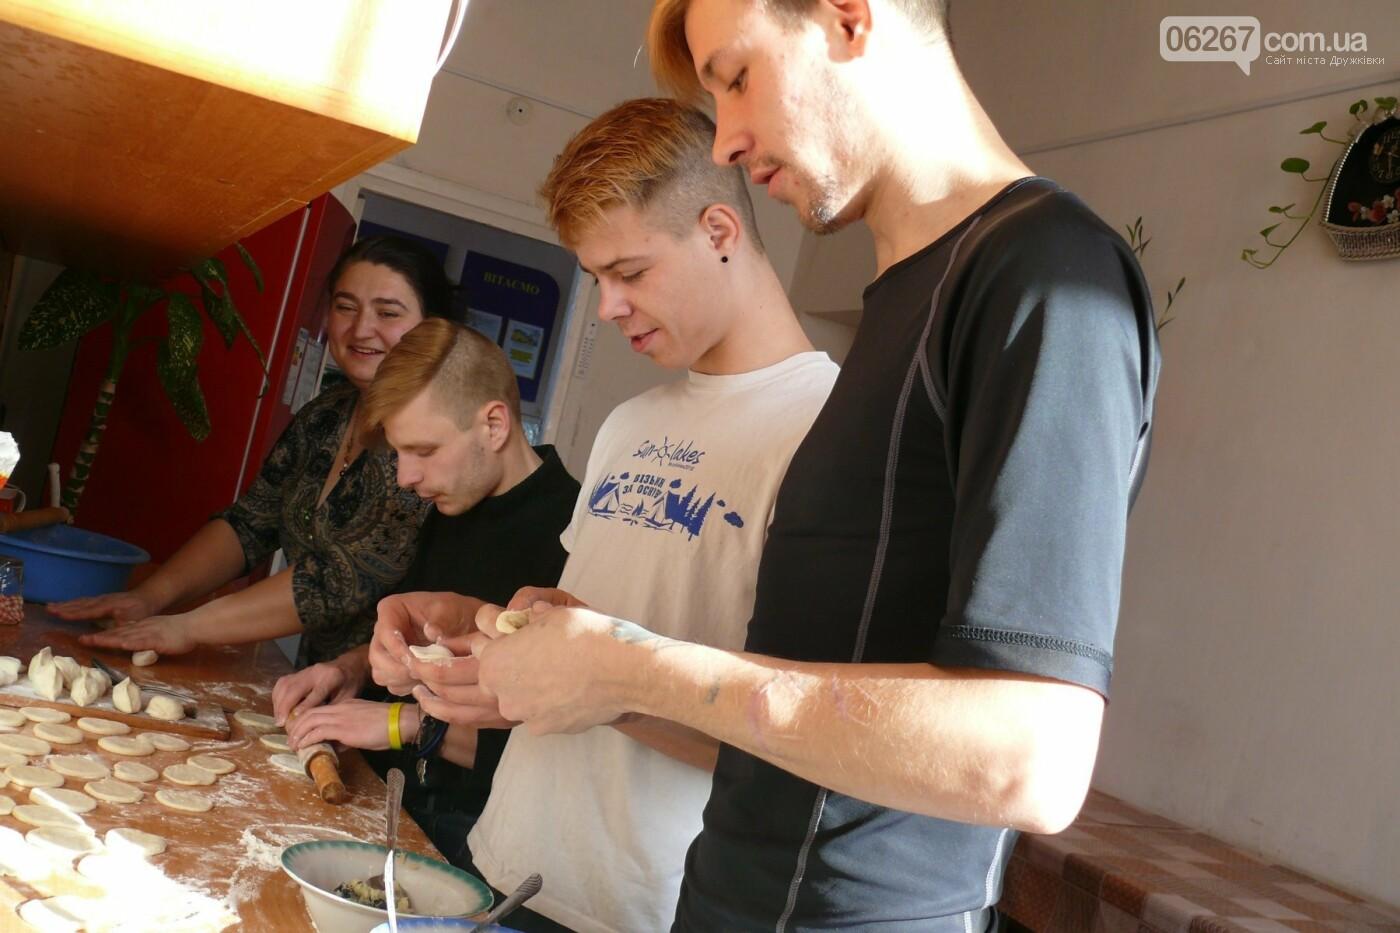 В Дружковке дети-сироты на Крещение научились готовить кутью и вареники (ФОТО), фото-2